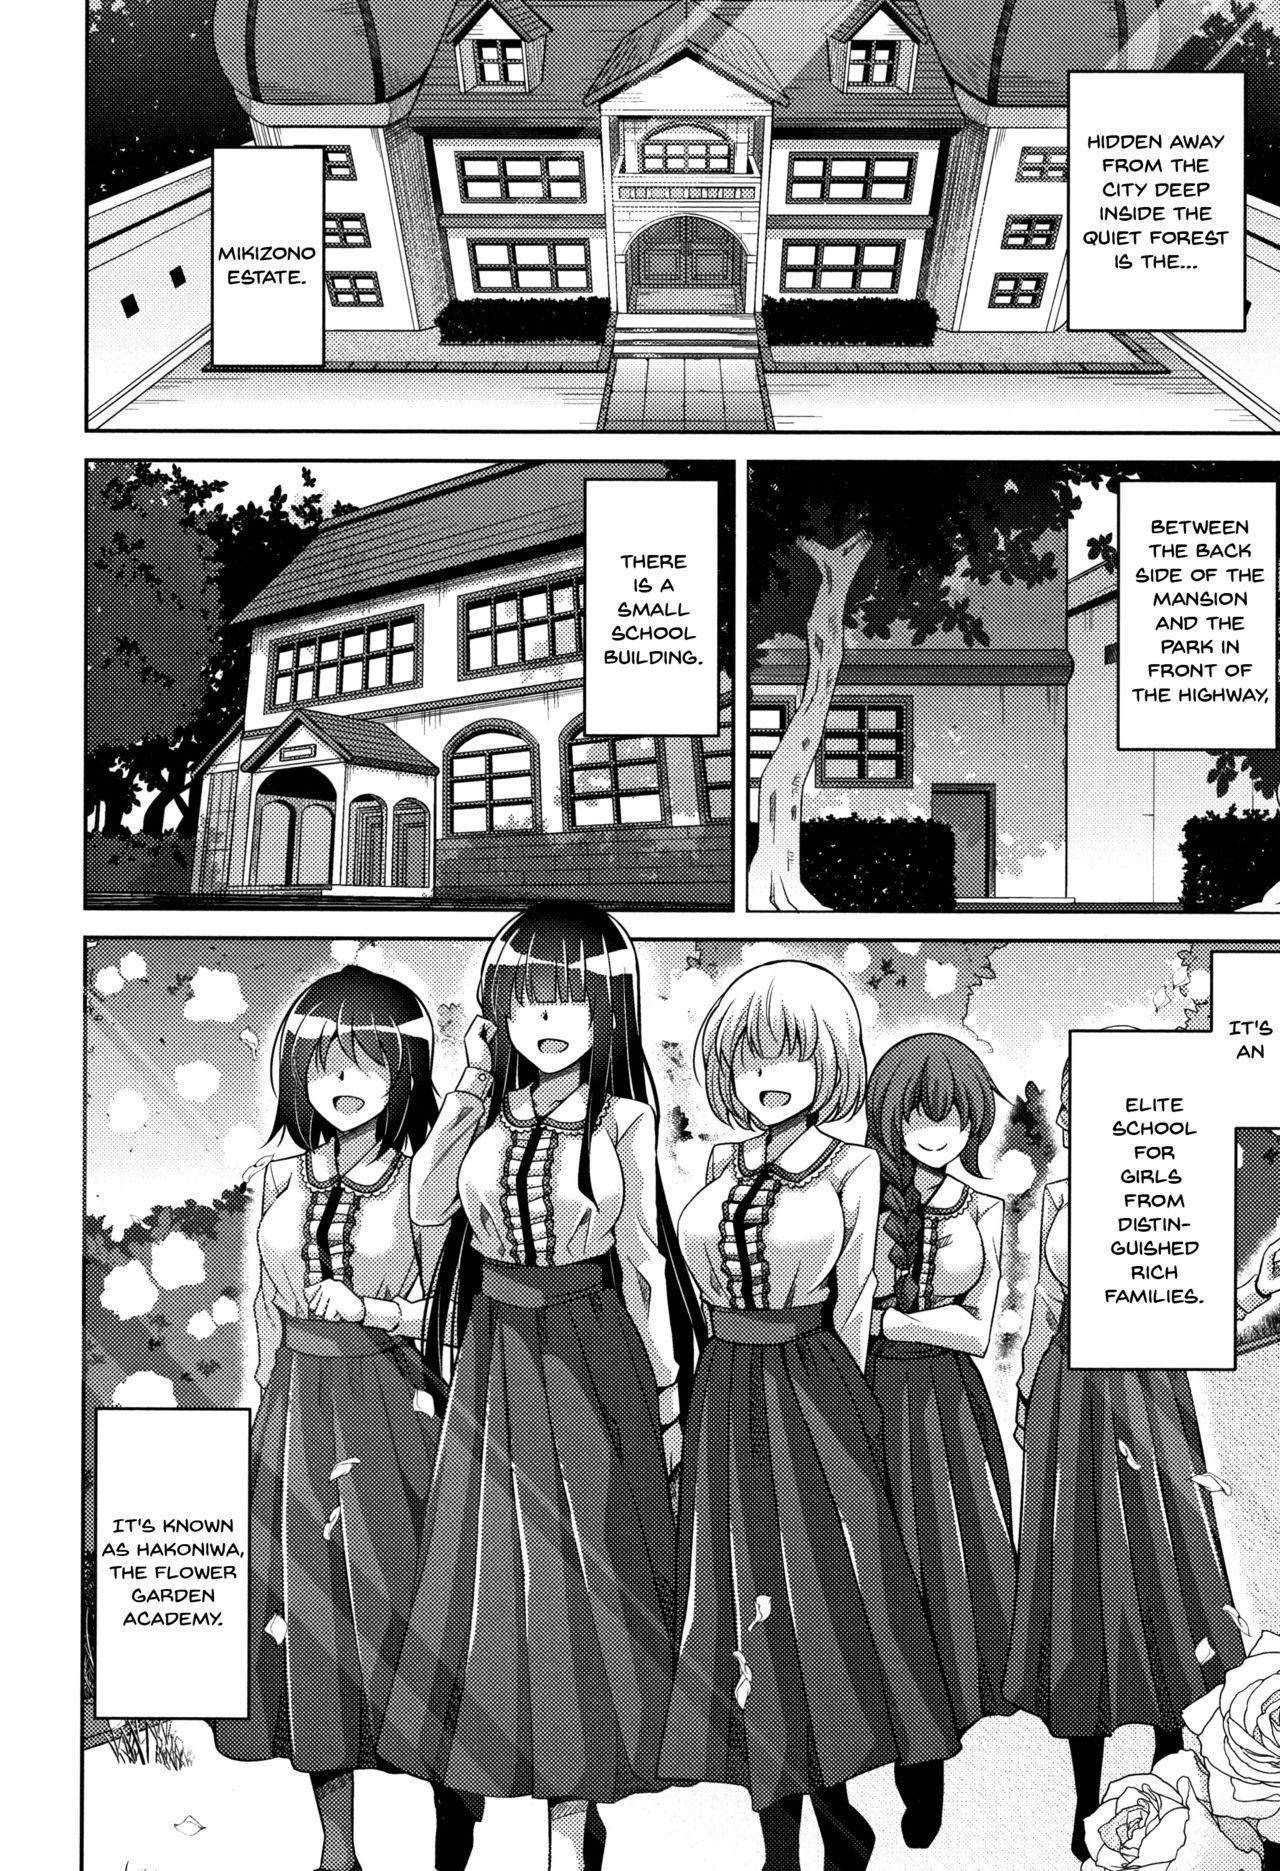 Hakoniwa ni Saku Mesu no Hana | Women Like Flowers Growing From The Garden 8